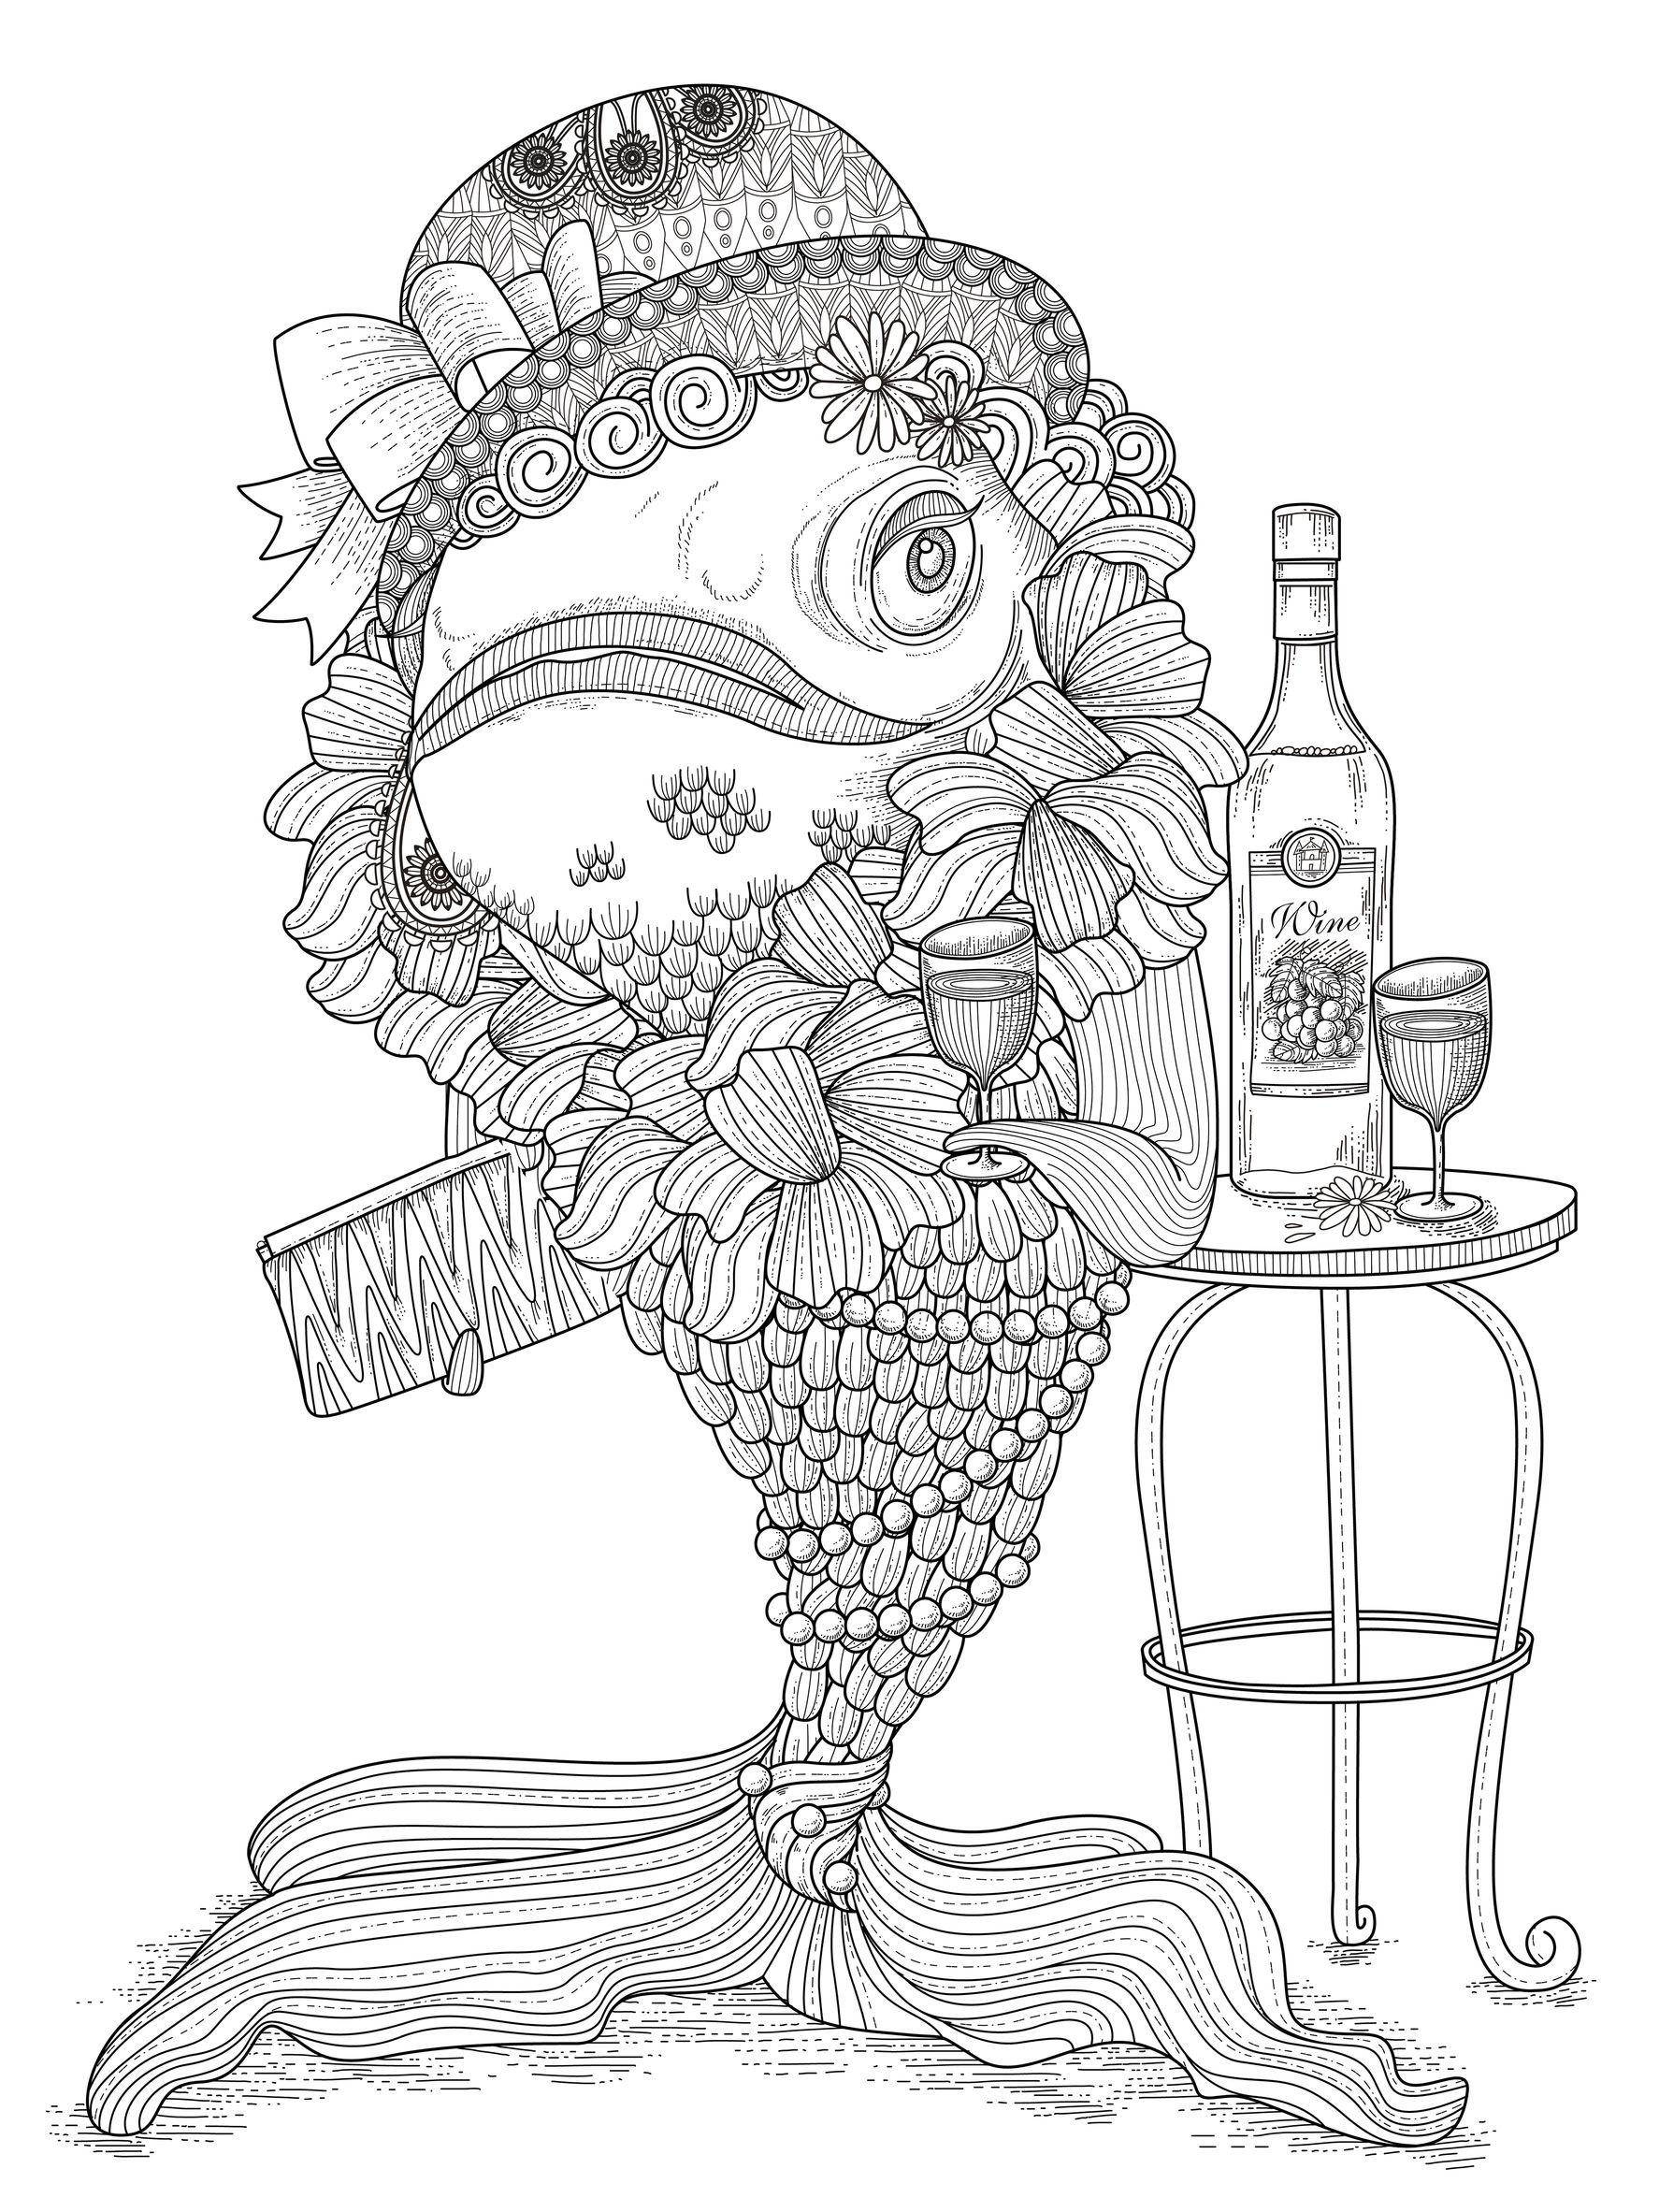 Ce coloriage d'un poisson est vraiment amusant !